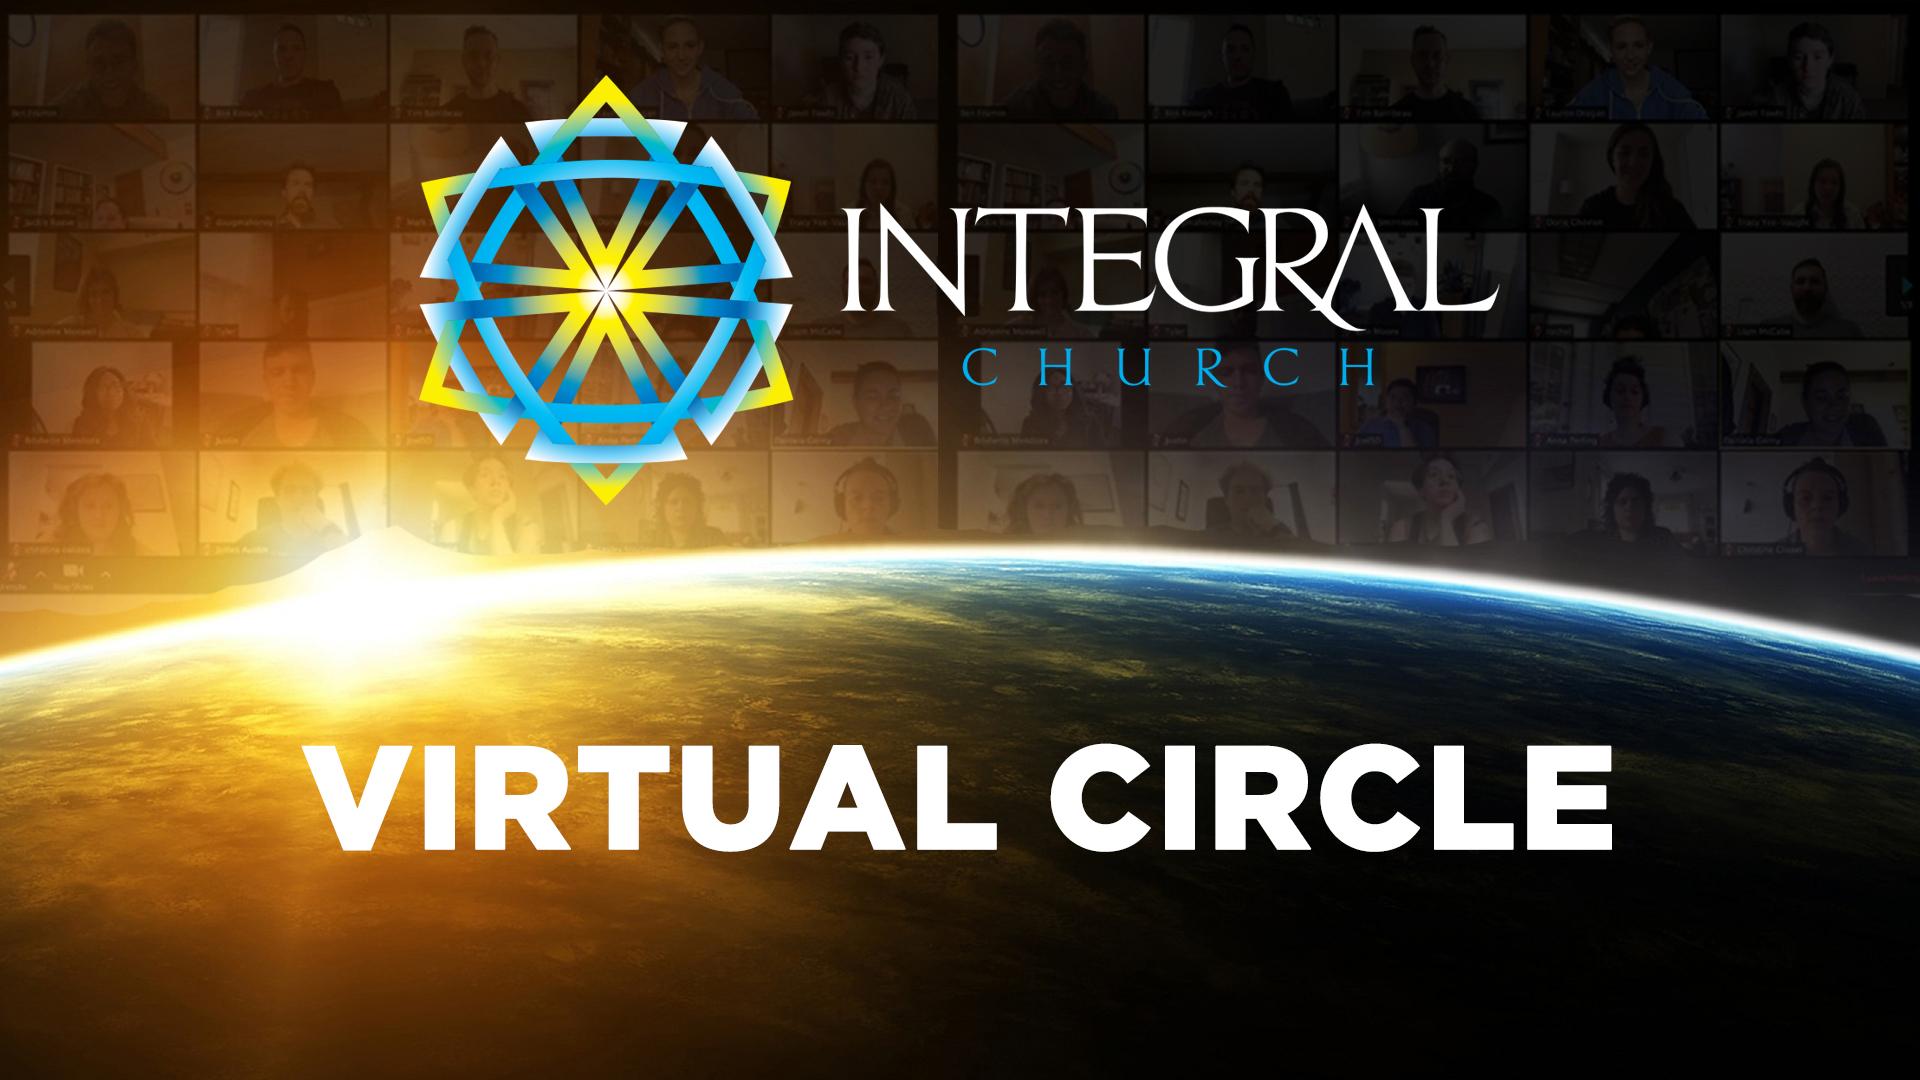 Integral-Church-Virtual-Zoom-1920